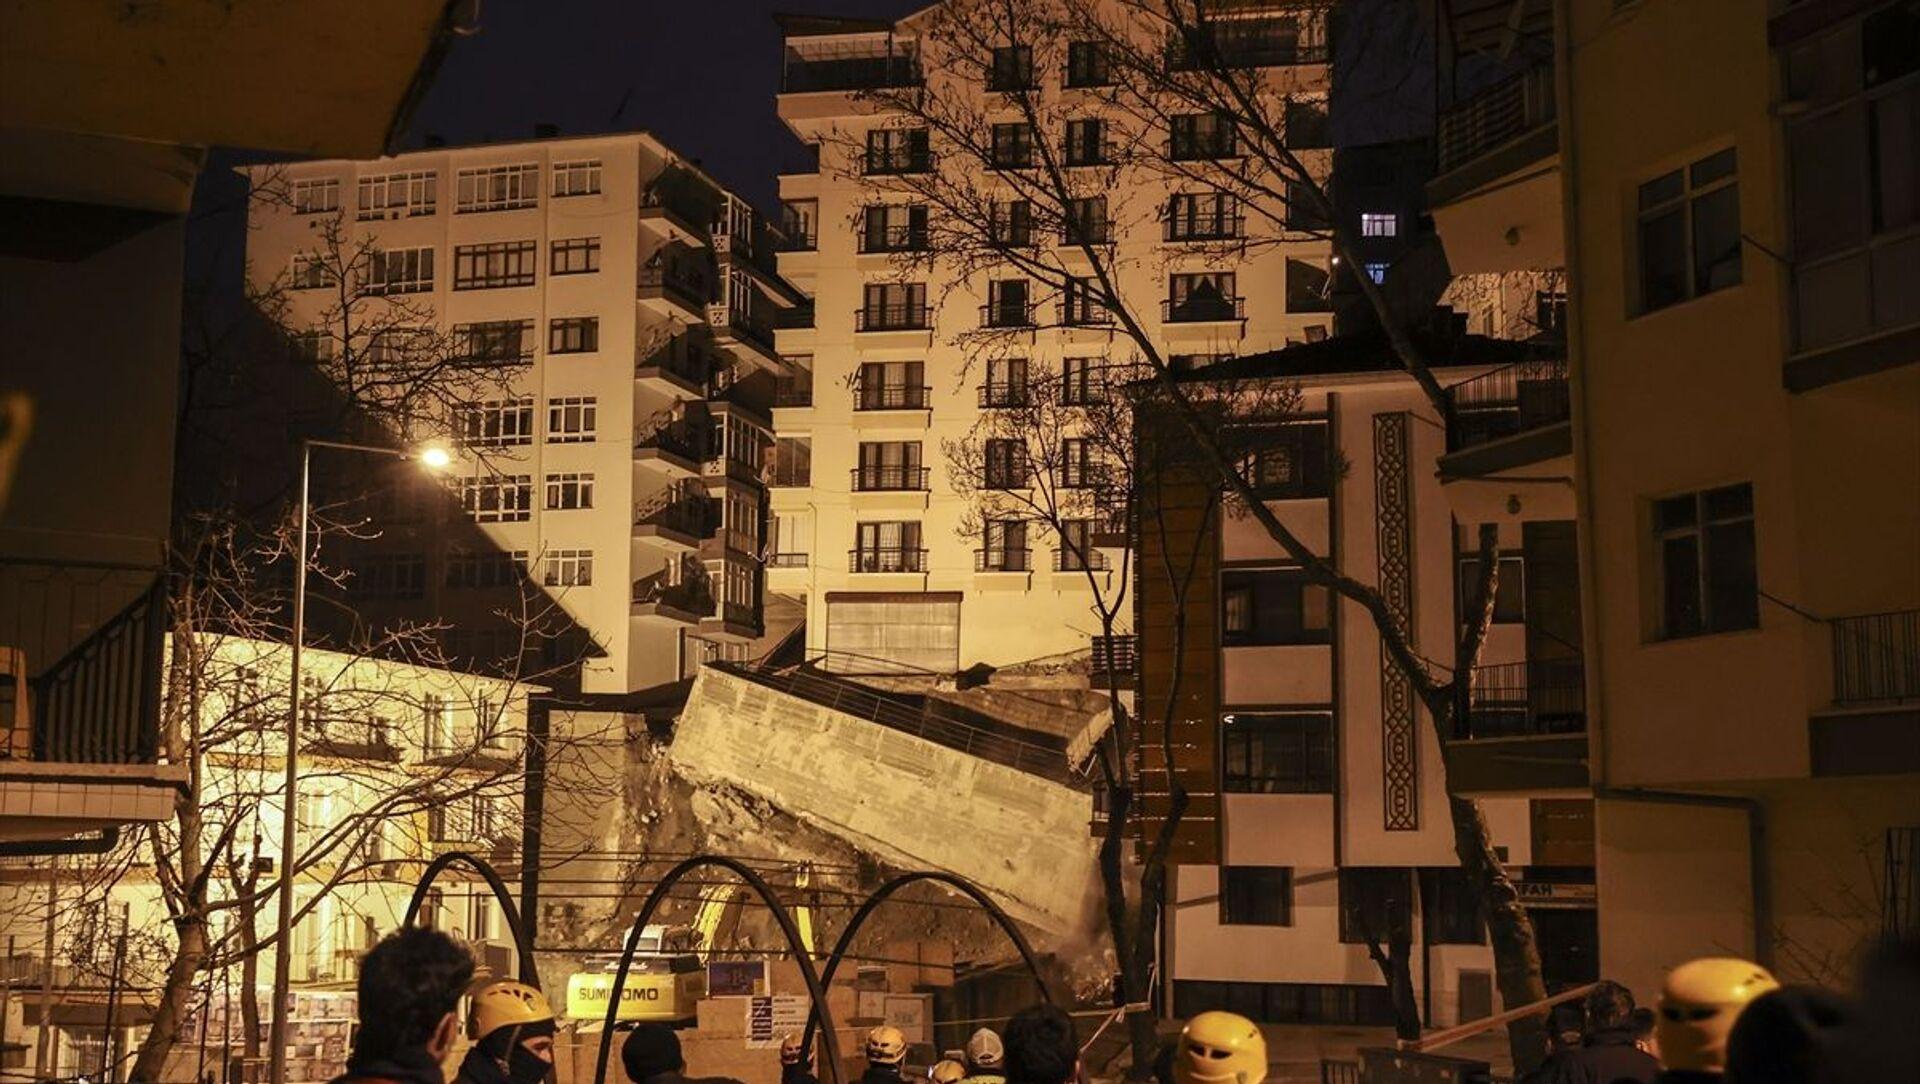 Ankara'nın Çankaya ilçesine bağlı İleri Mahallesi Mektep Sokak'ta yakın zamanda yapımına başlanan inşaat çalışmaları sırasında yan tarafında bulunan Altay Sokak'taki 8 katlı binanın istinat duvarının yıkılması ve temelinde boşluk oluşmasıyla çökme tehlikesi meydana geldi. - Sputnik Türkiye, 1920, 11.04.2021